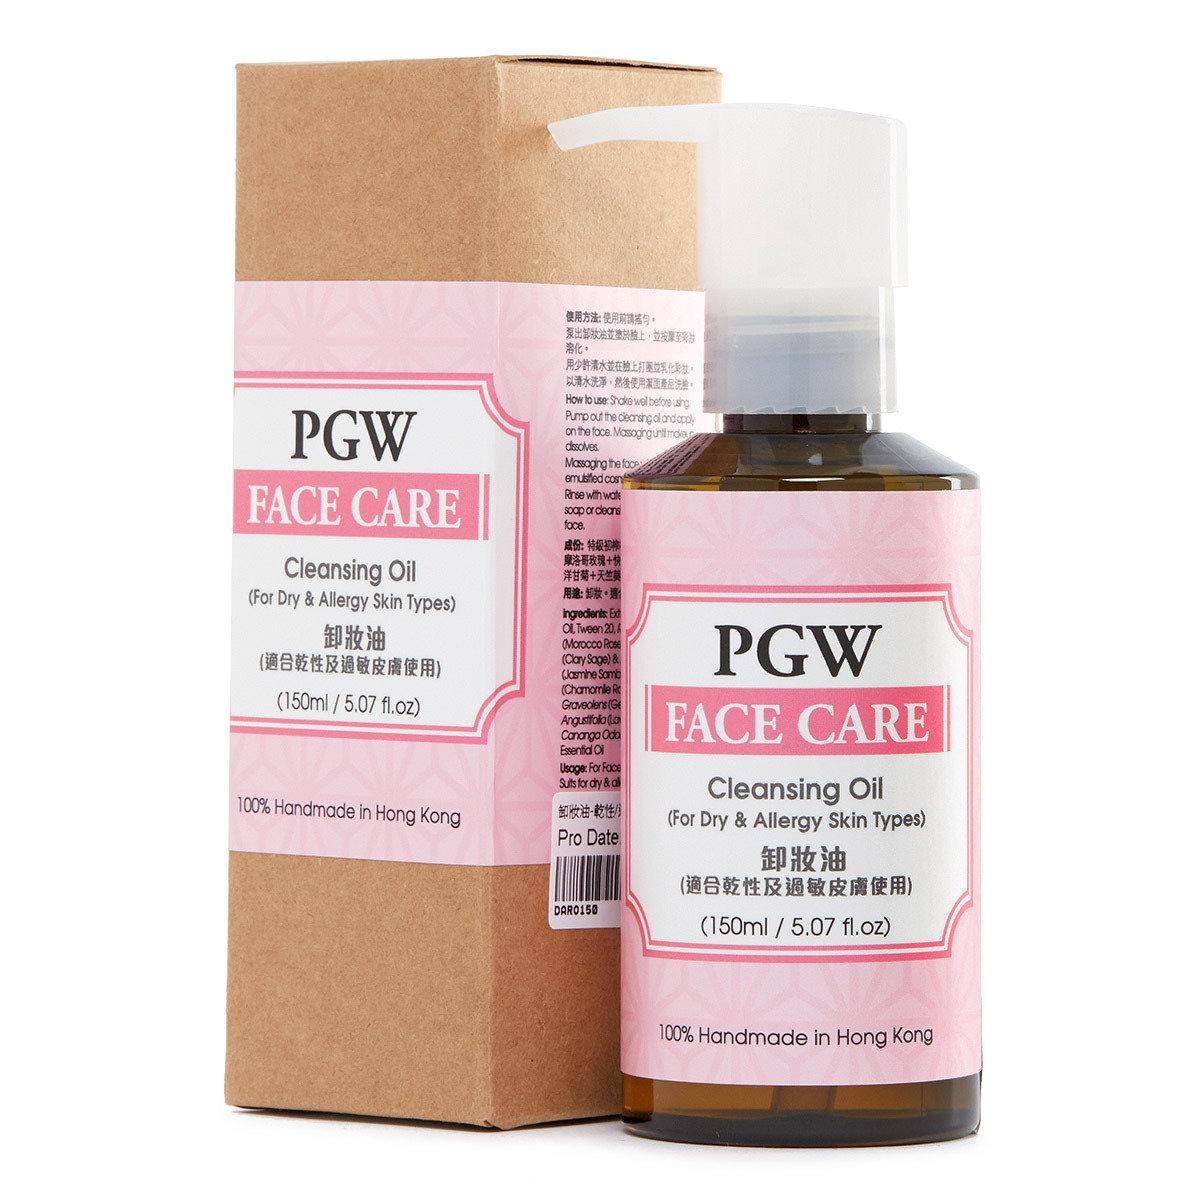 卸妝油-乾性及過敏皮膚